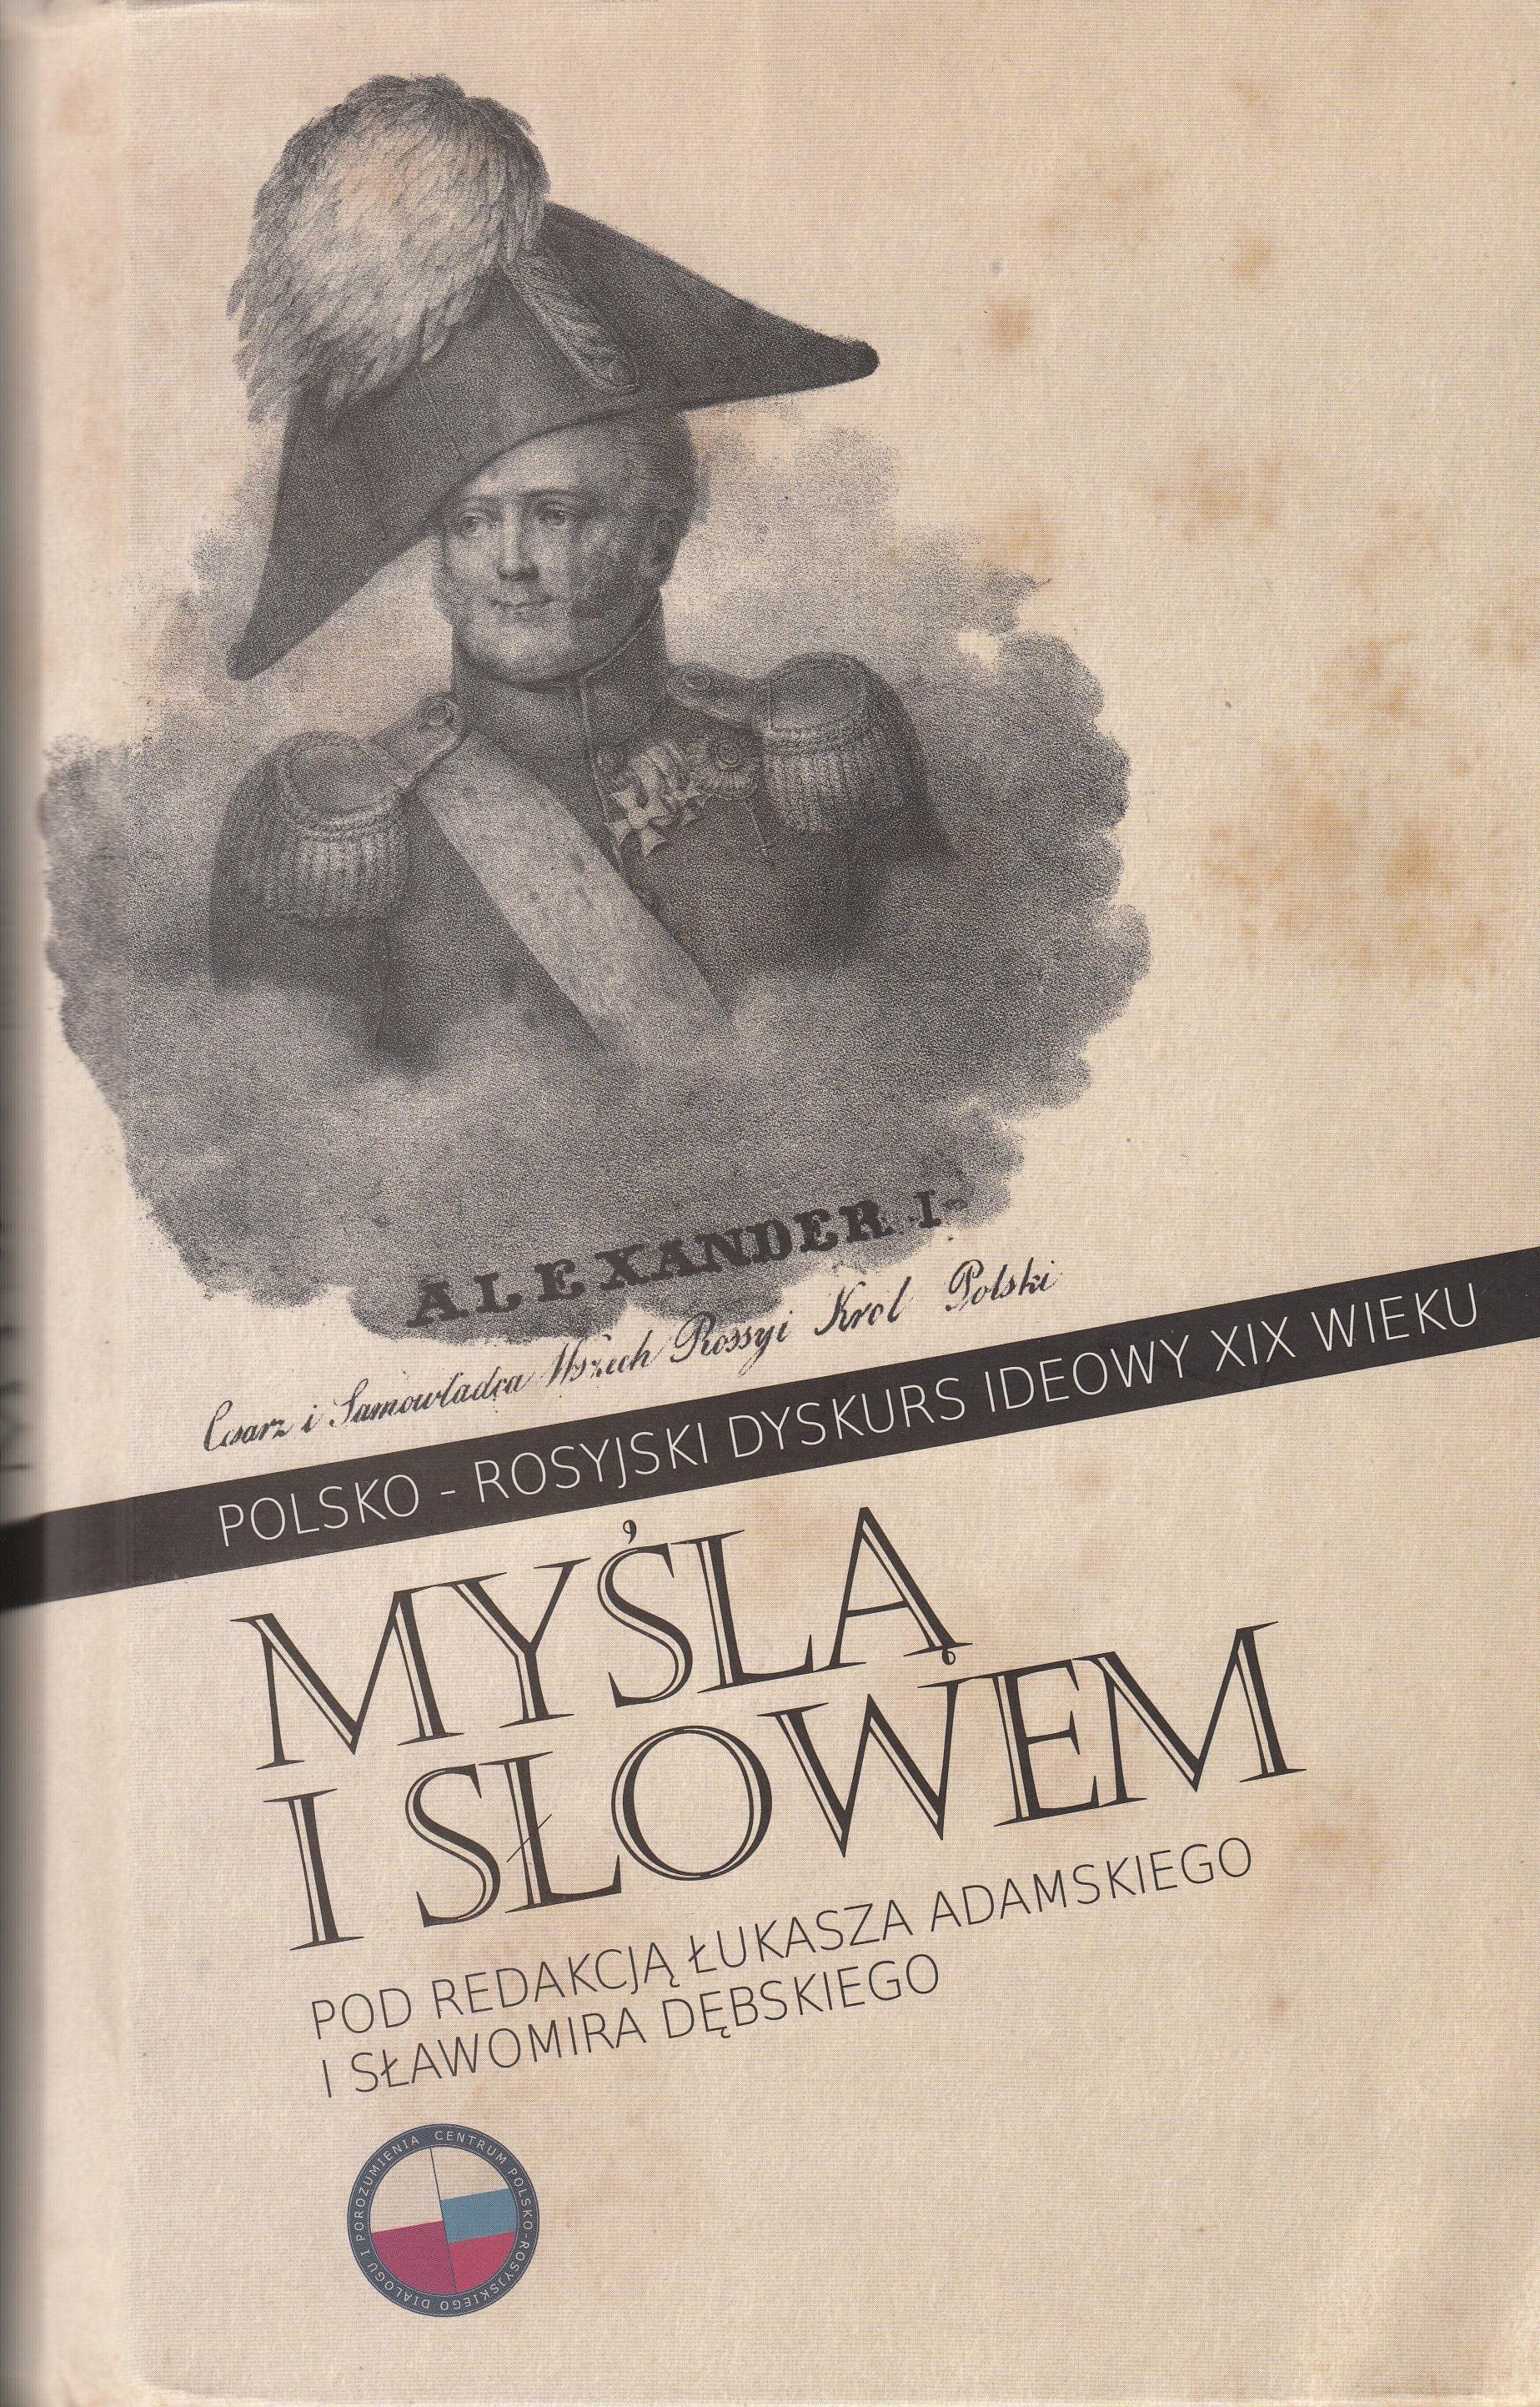 Aleksander Hercen jako historyk współczesności: wątki polskie